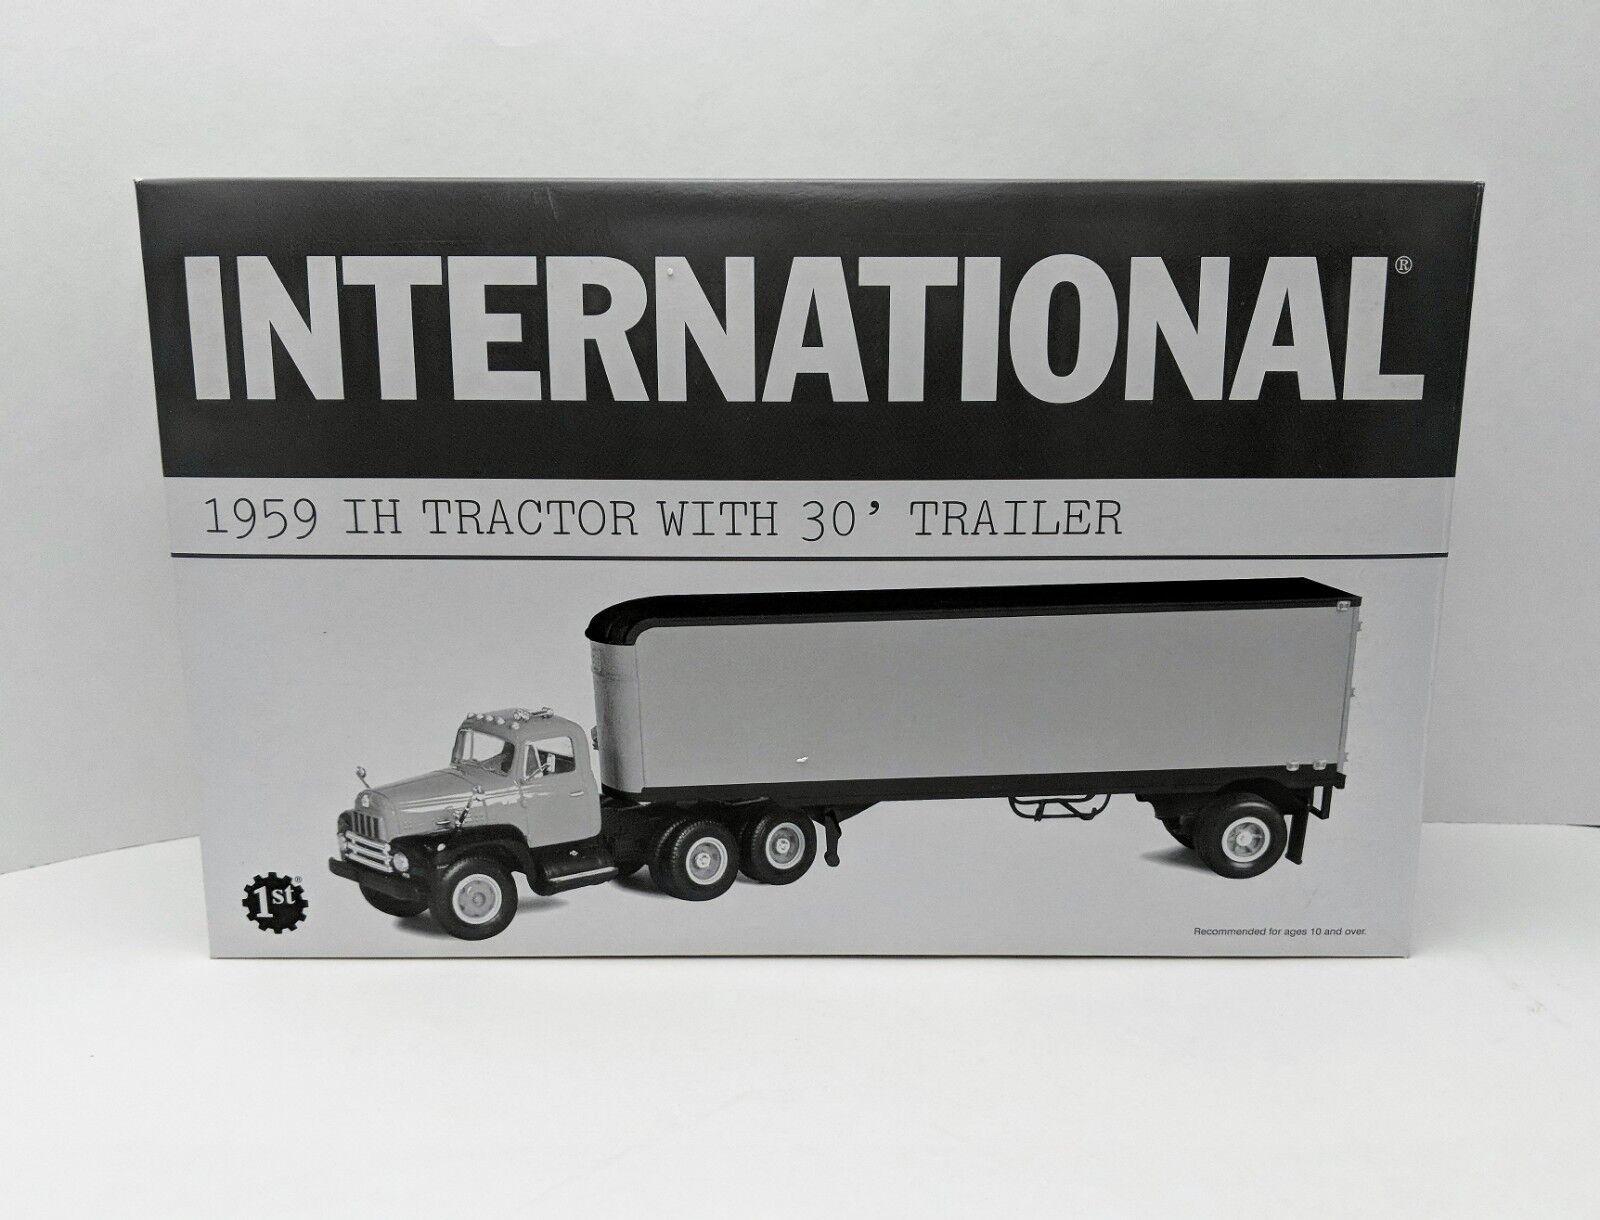 Der erste internationale 1959 in traktor mit anhänger 30  - strecke - neu